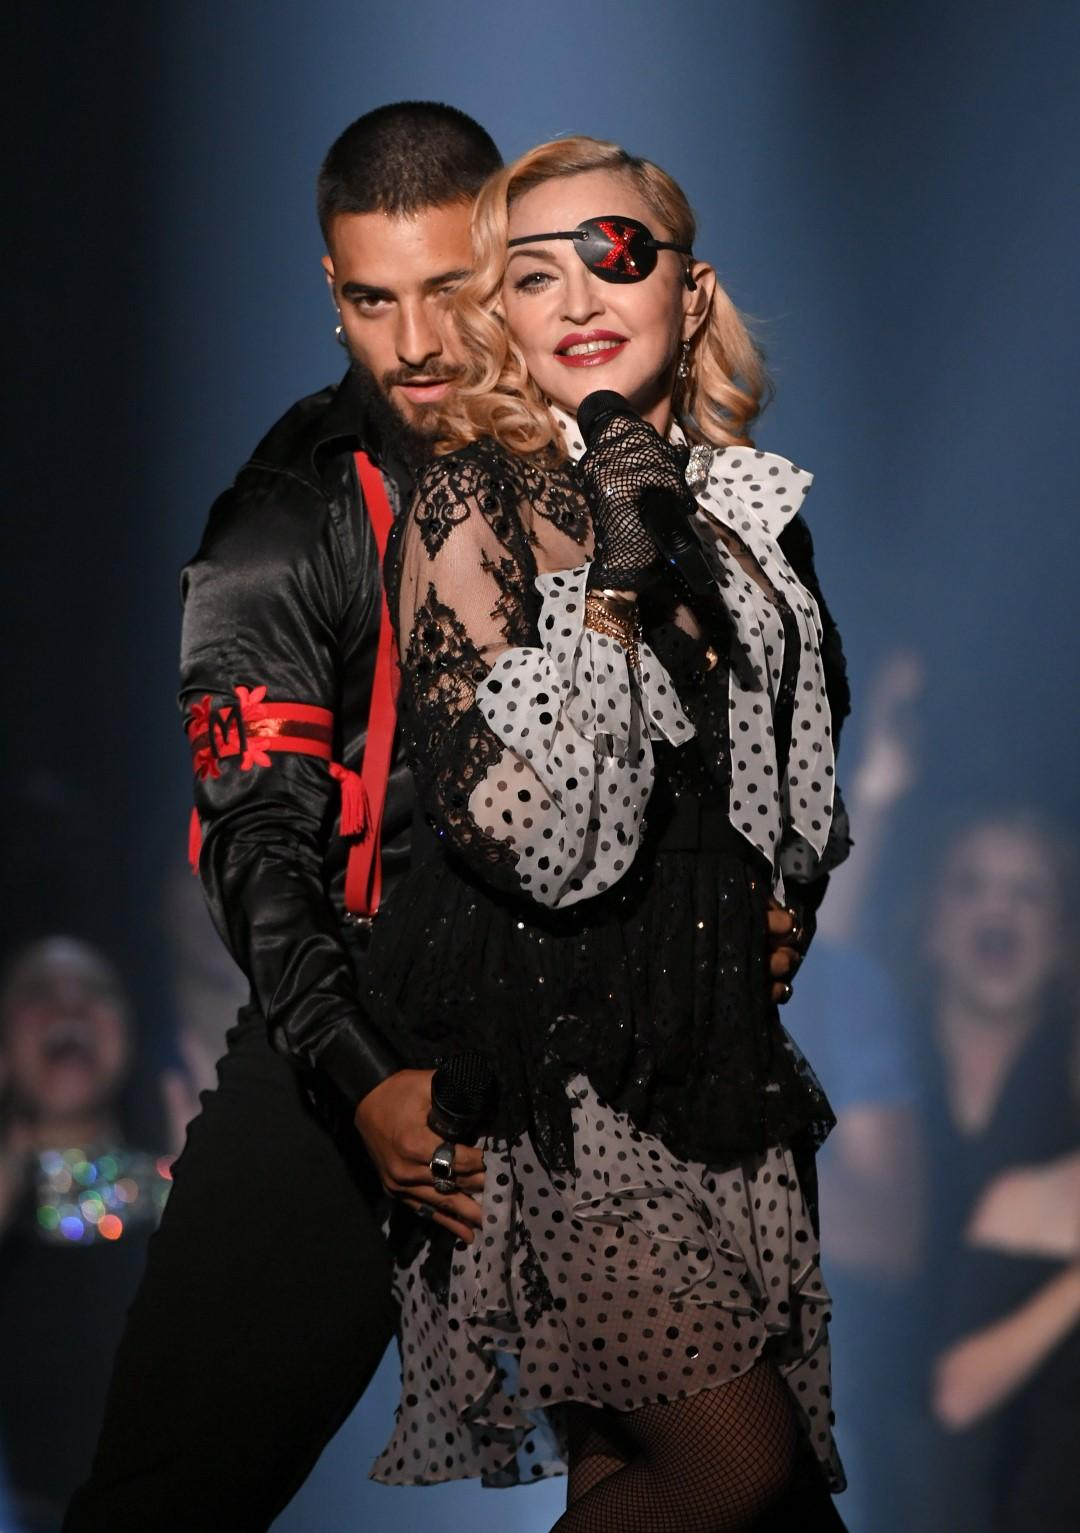 Billboard Awards 2019, i look: il senso delle star per l'eccesso